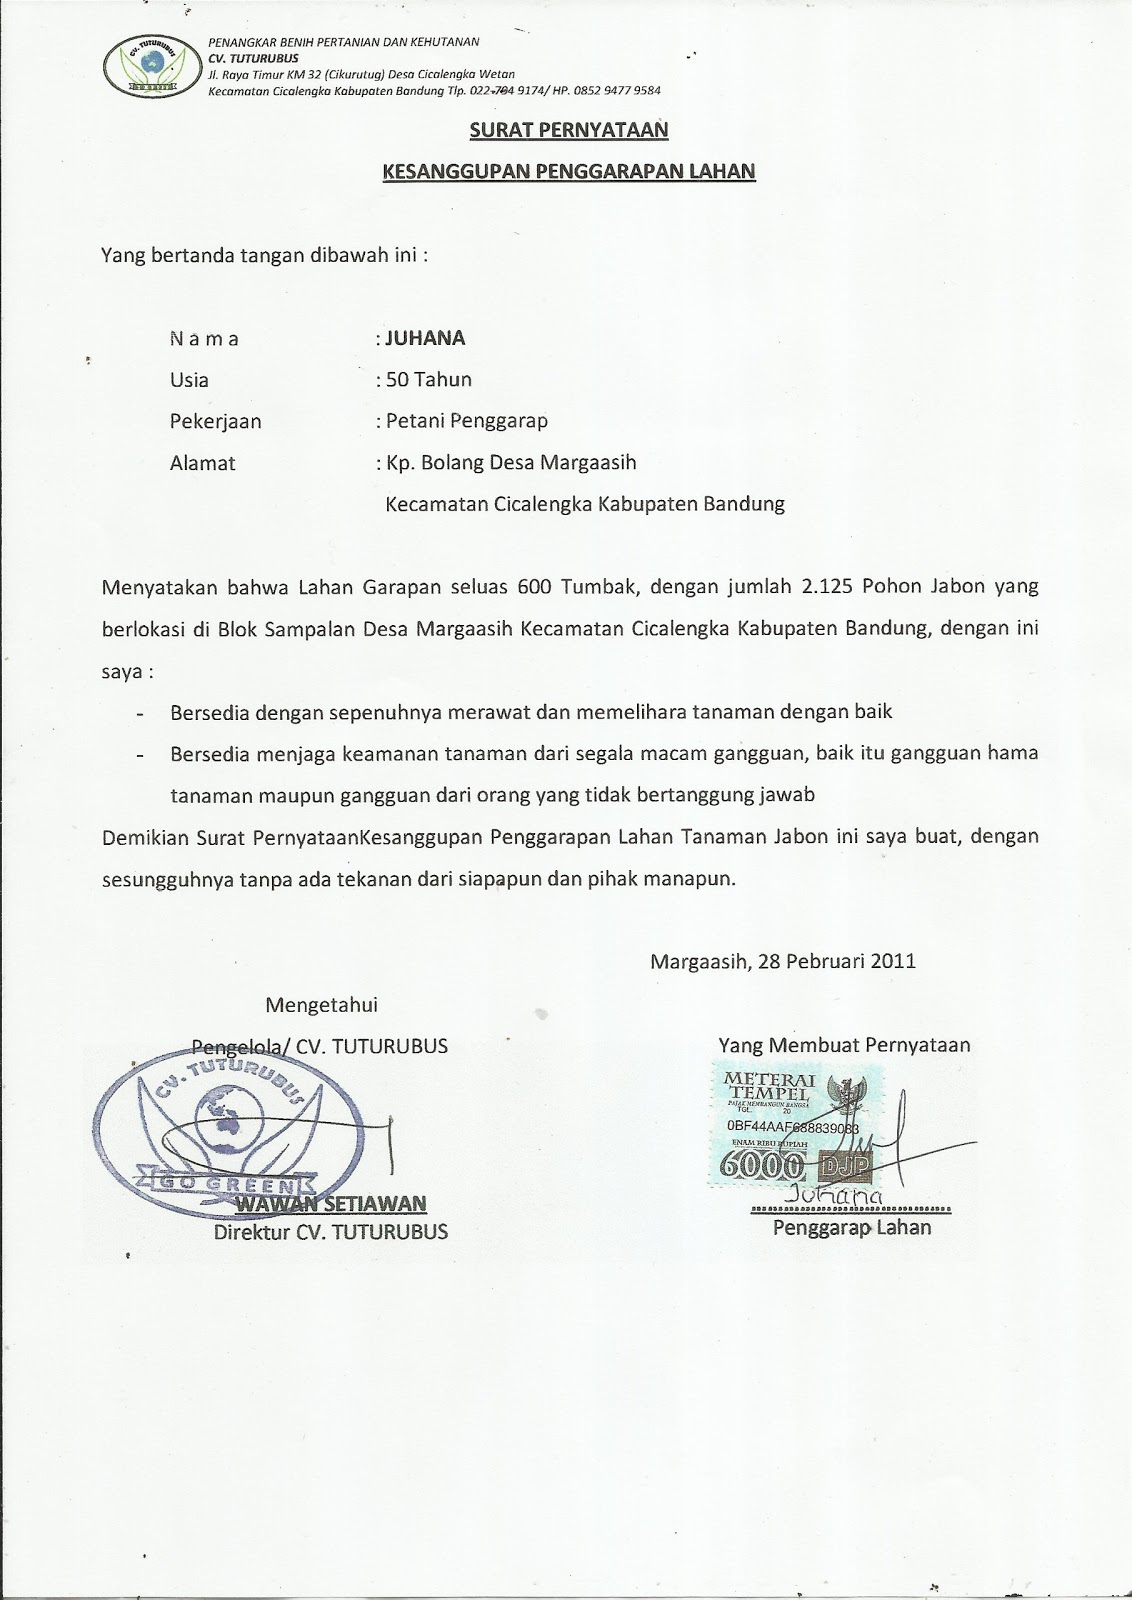 GERAKAN NUSANTARA HIJAU: Contoh Surat Pernyataan ...